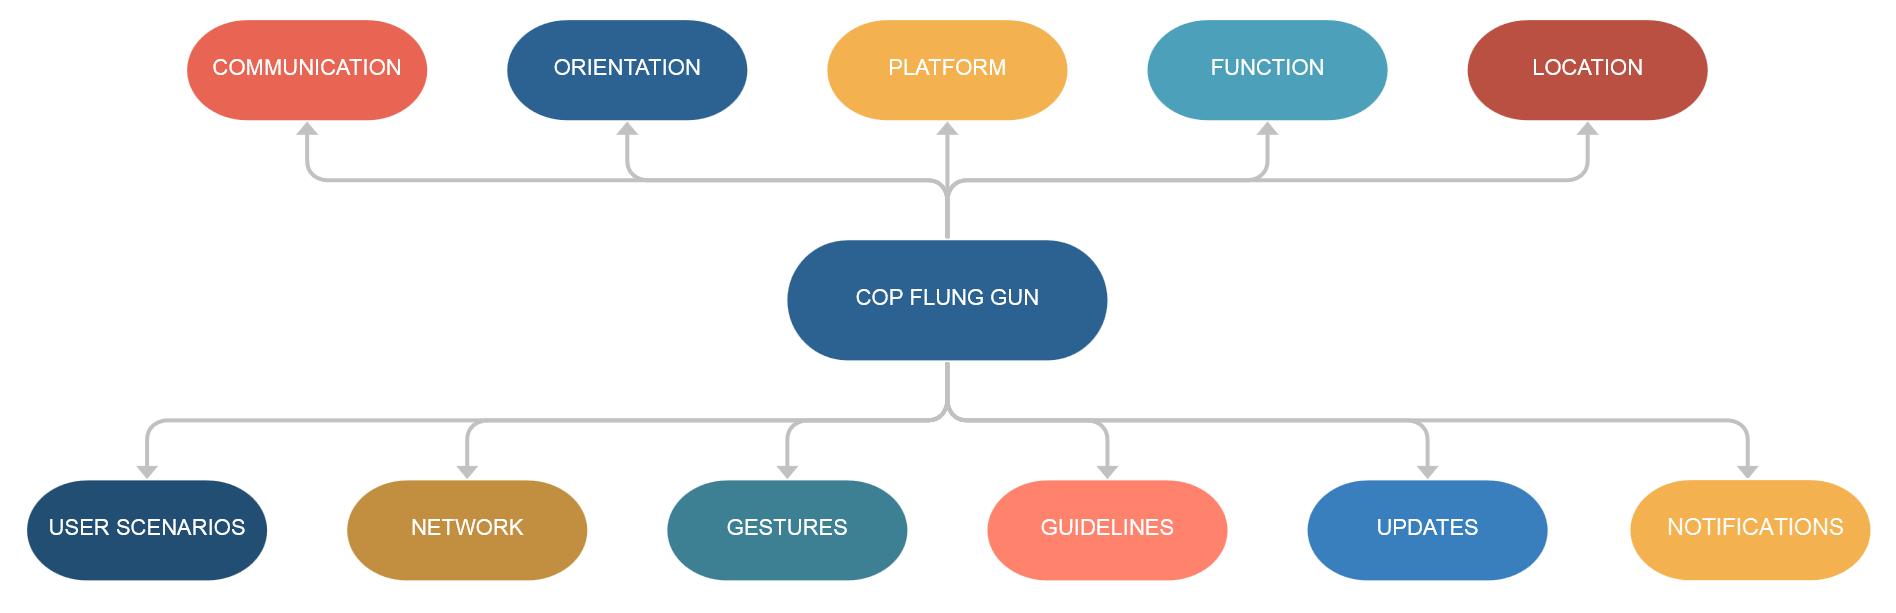 COP FLUNG GUN